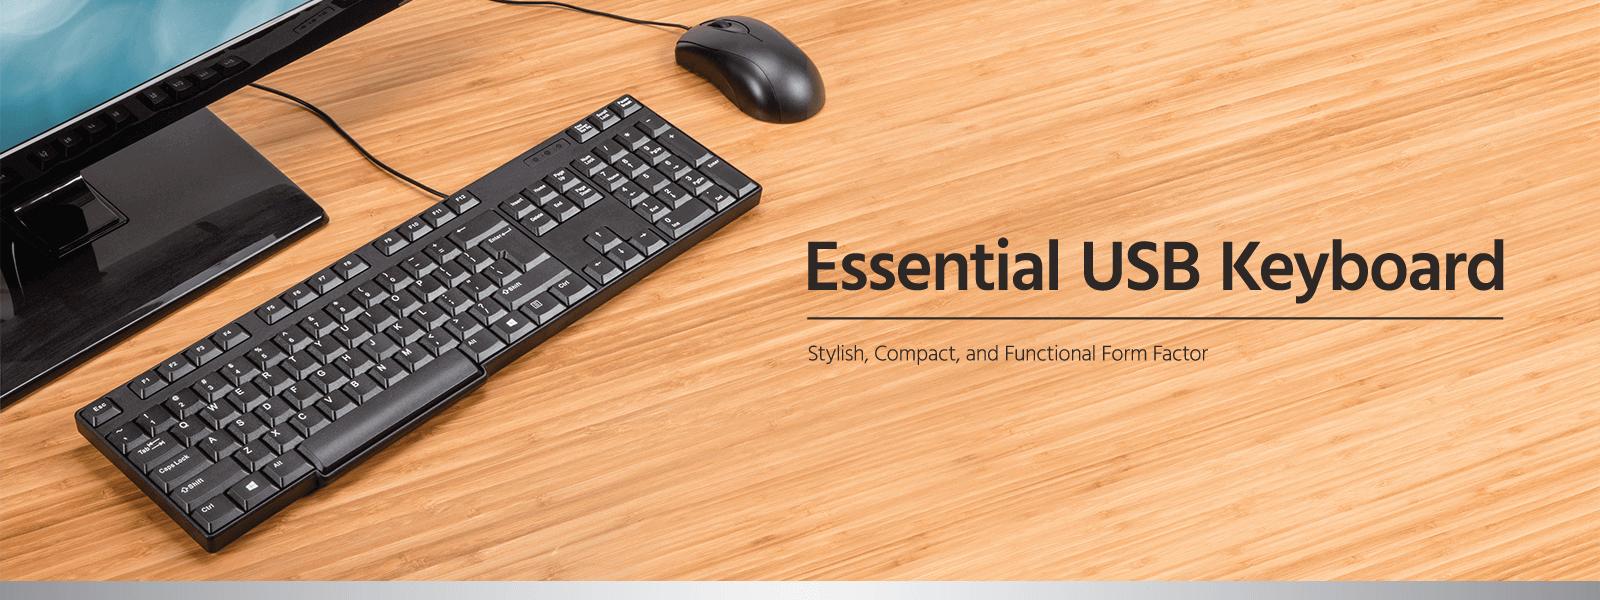 Essential USB Keyboard